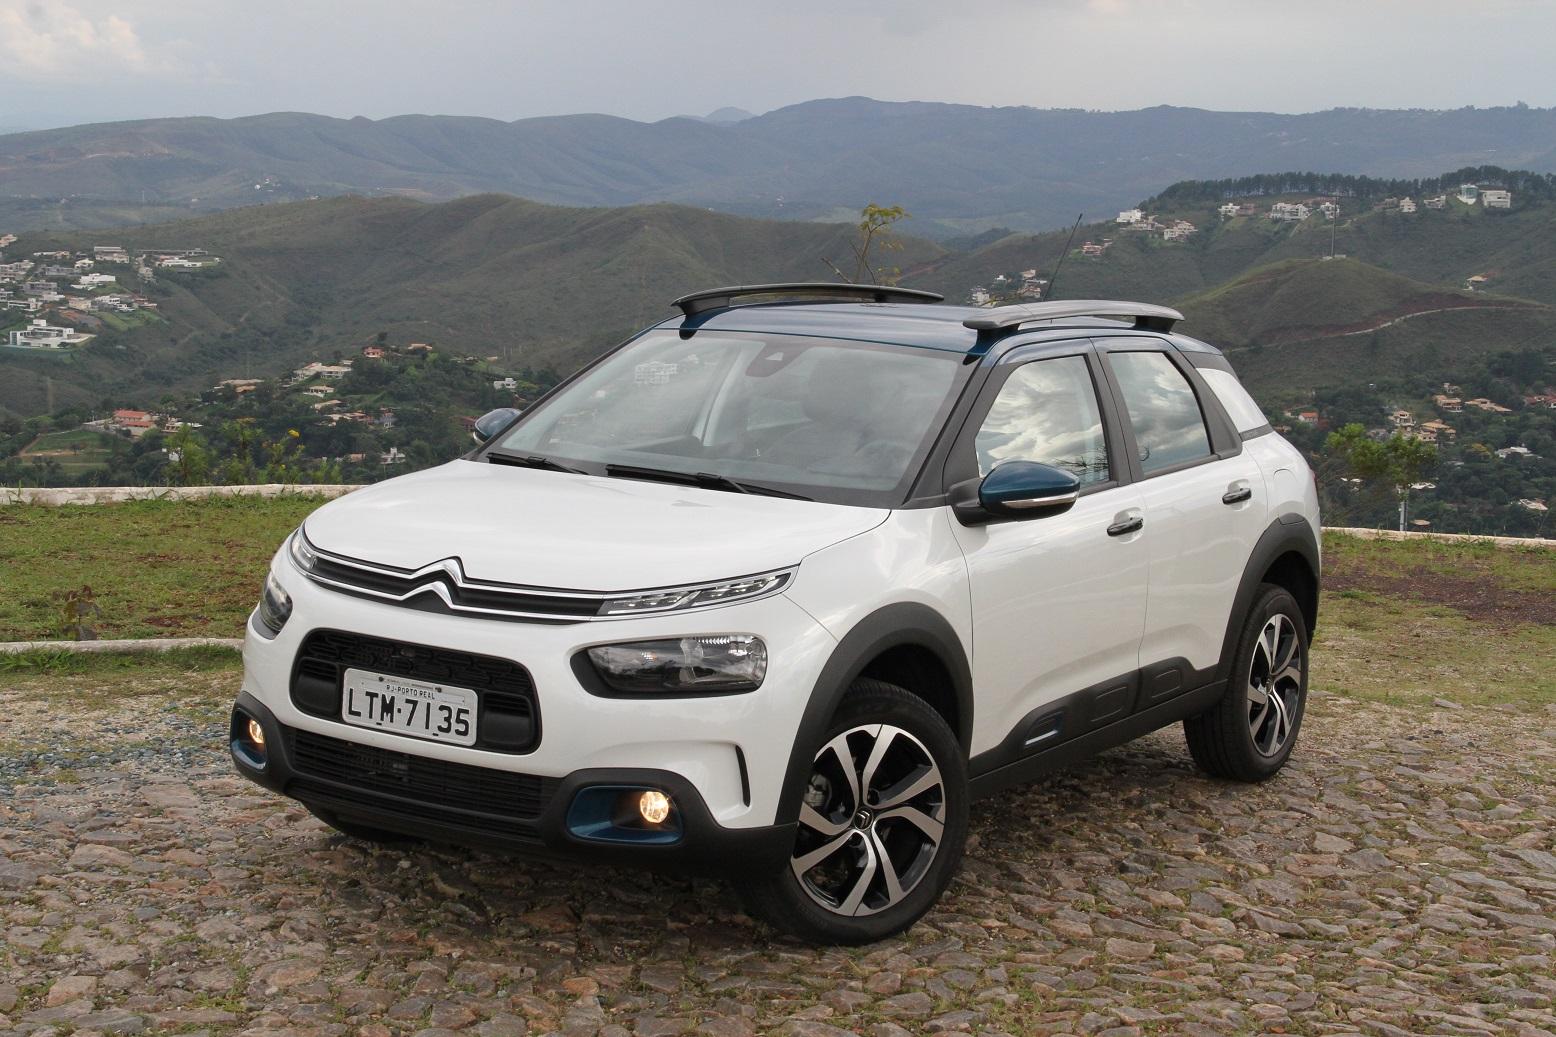 O Citroën C4 Cactus chegou ao Brasil no ano passado.